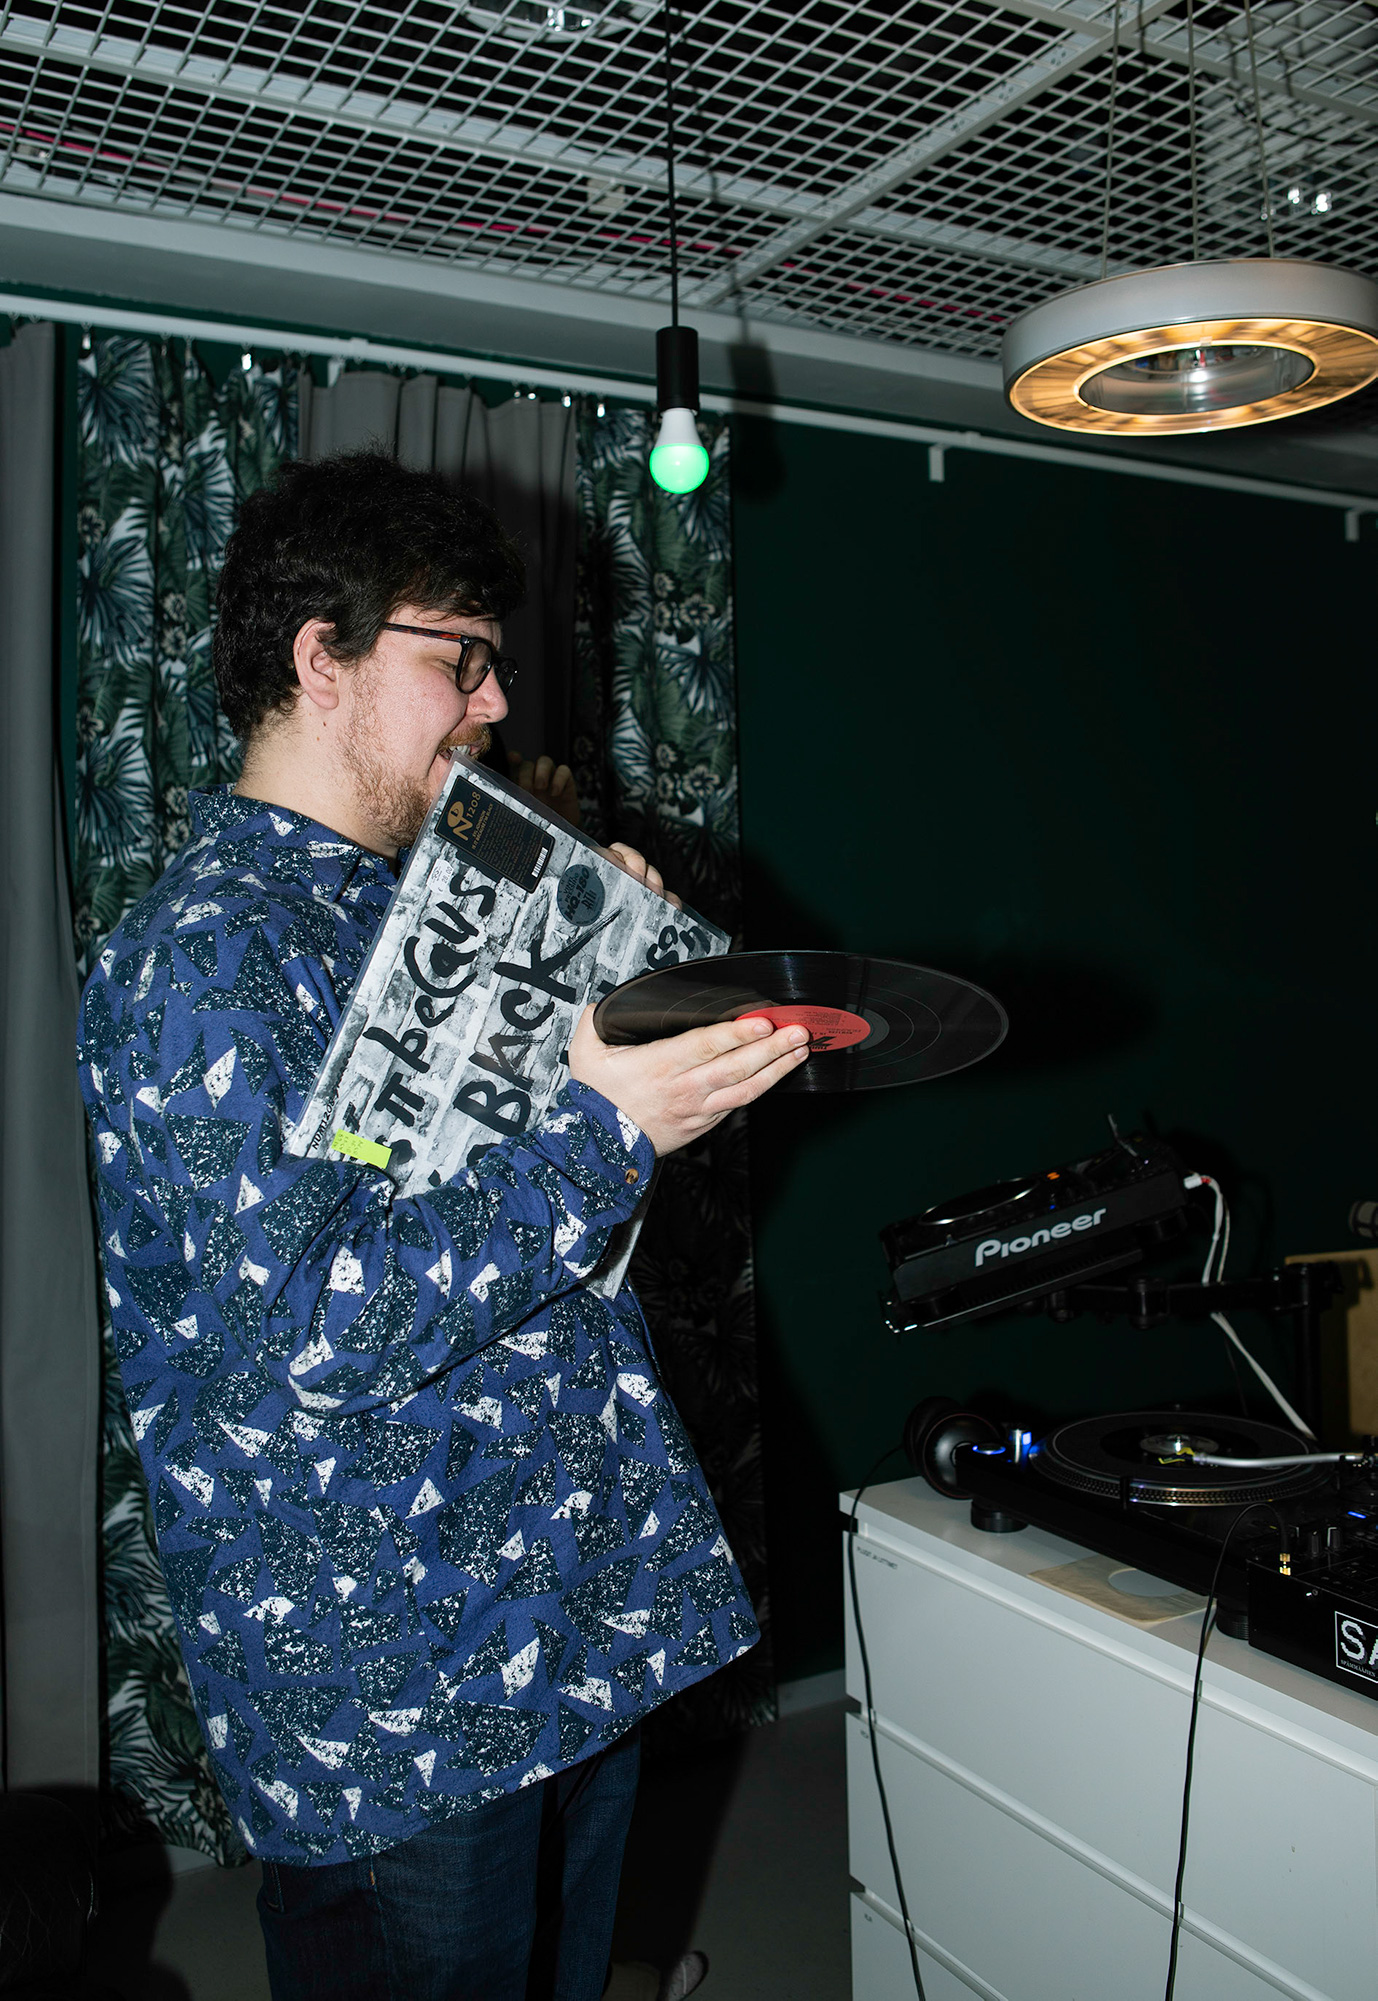 DJ pitelemässä vinyylilevyä kädessään ja kantta hampaissaan. Päällä sininen kauluspaita.